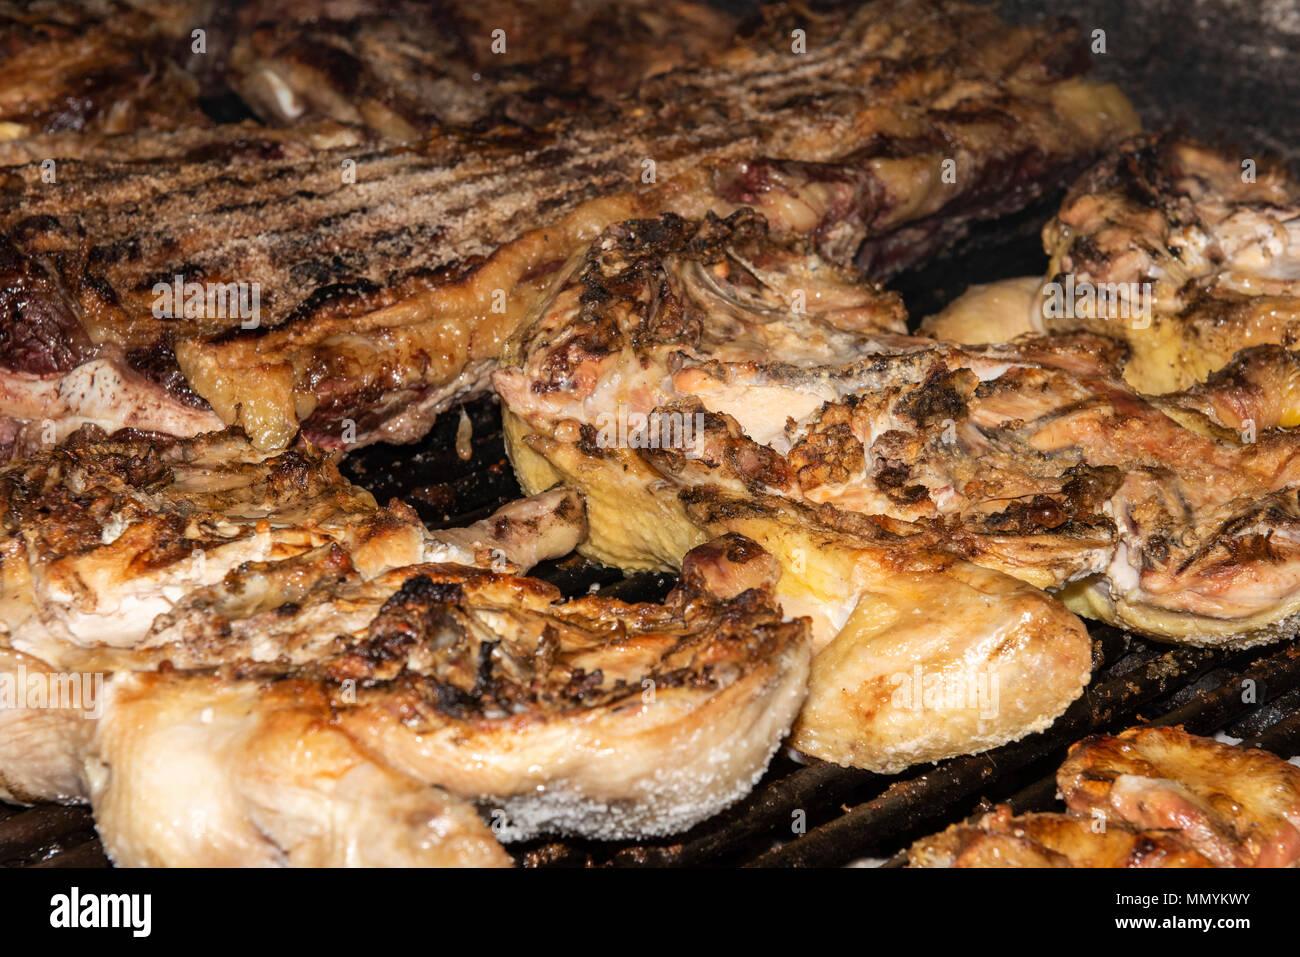 Argentina, Pampas, San Antonio de Areco. Traditional estancia, El Ombu de Areco. Typical gaucho chicken & steak BBQ lunch. - Stock Image